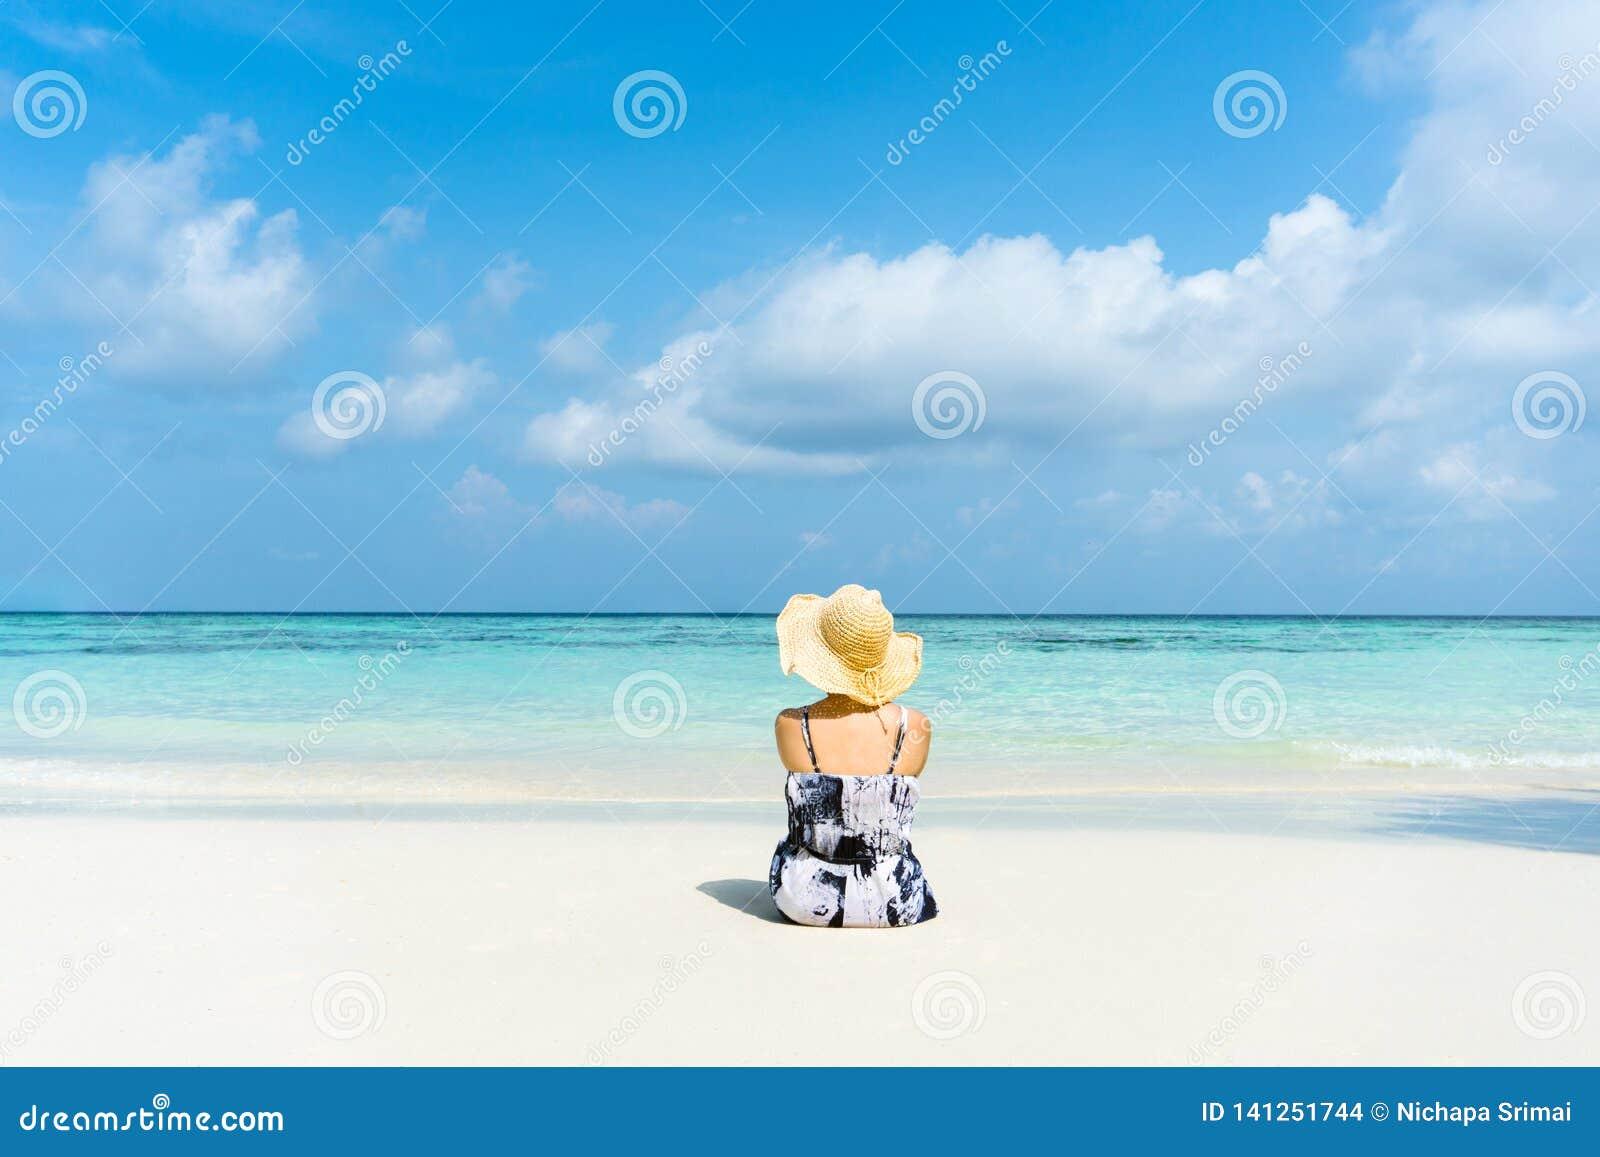 Θερινή η γυναίκα παραθαλάσσιων διακοπών χαλαρώνει στην παραλία στο ελεύθερο χρόνο